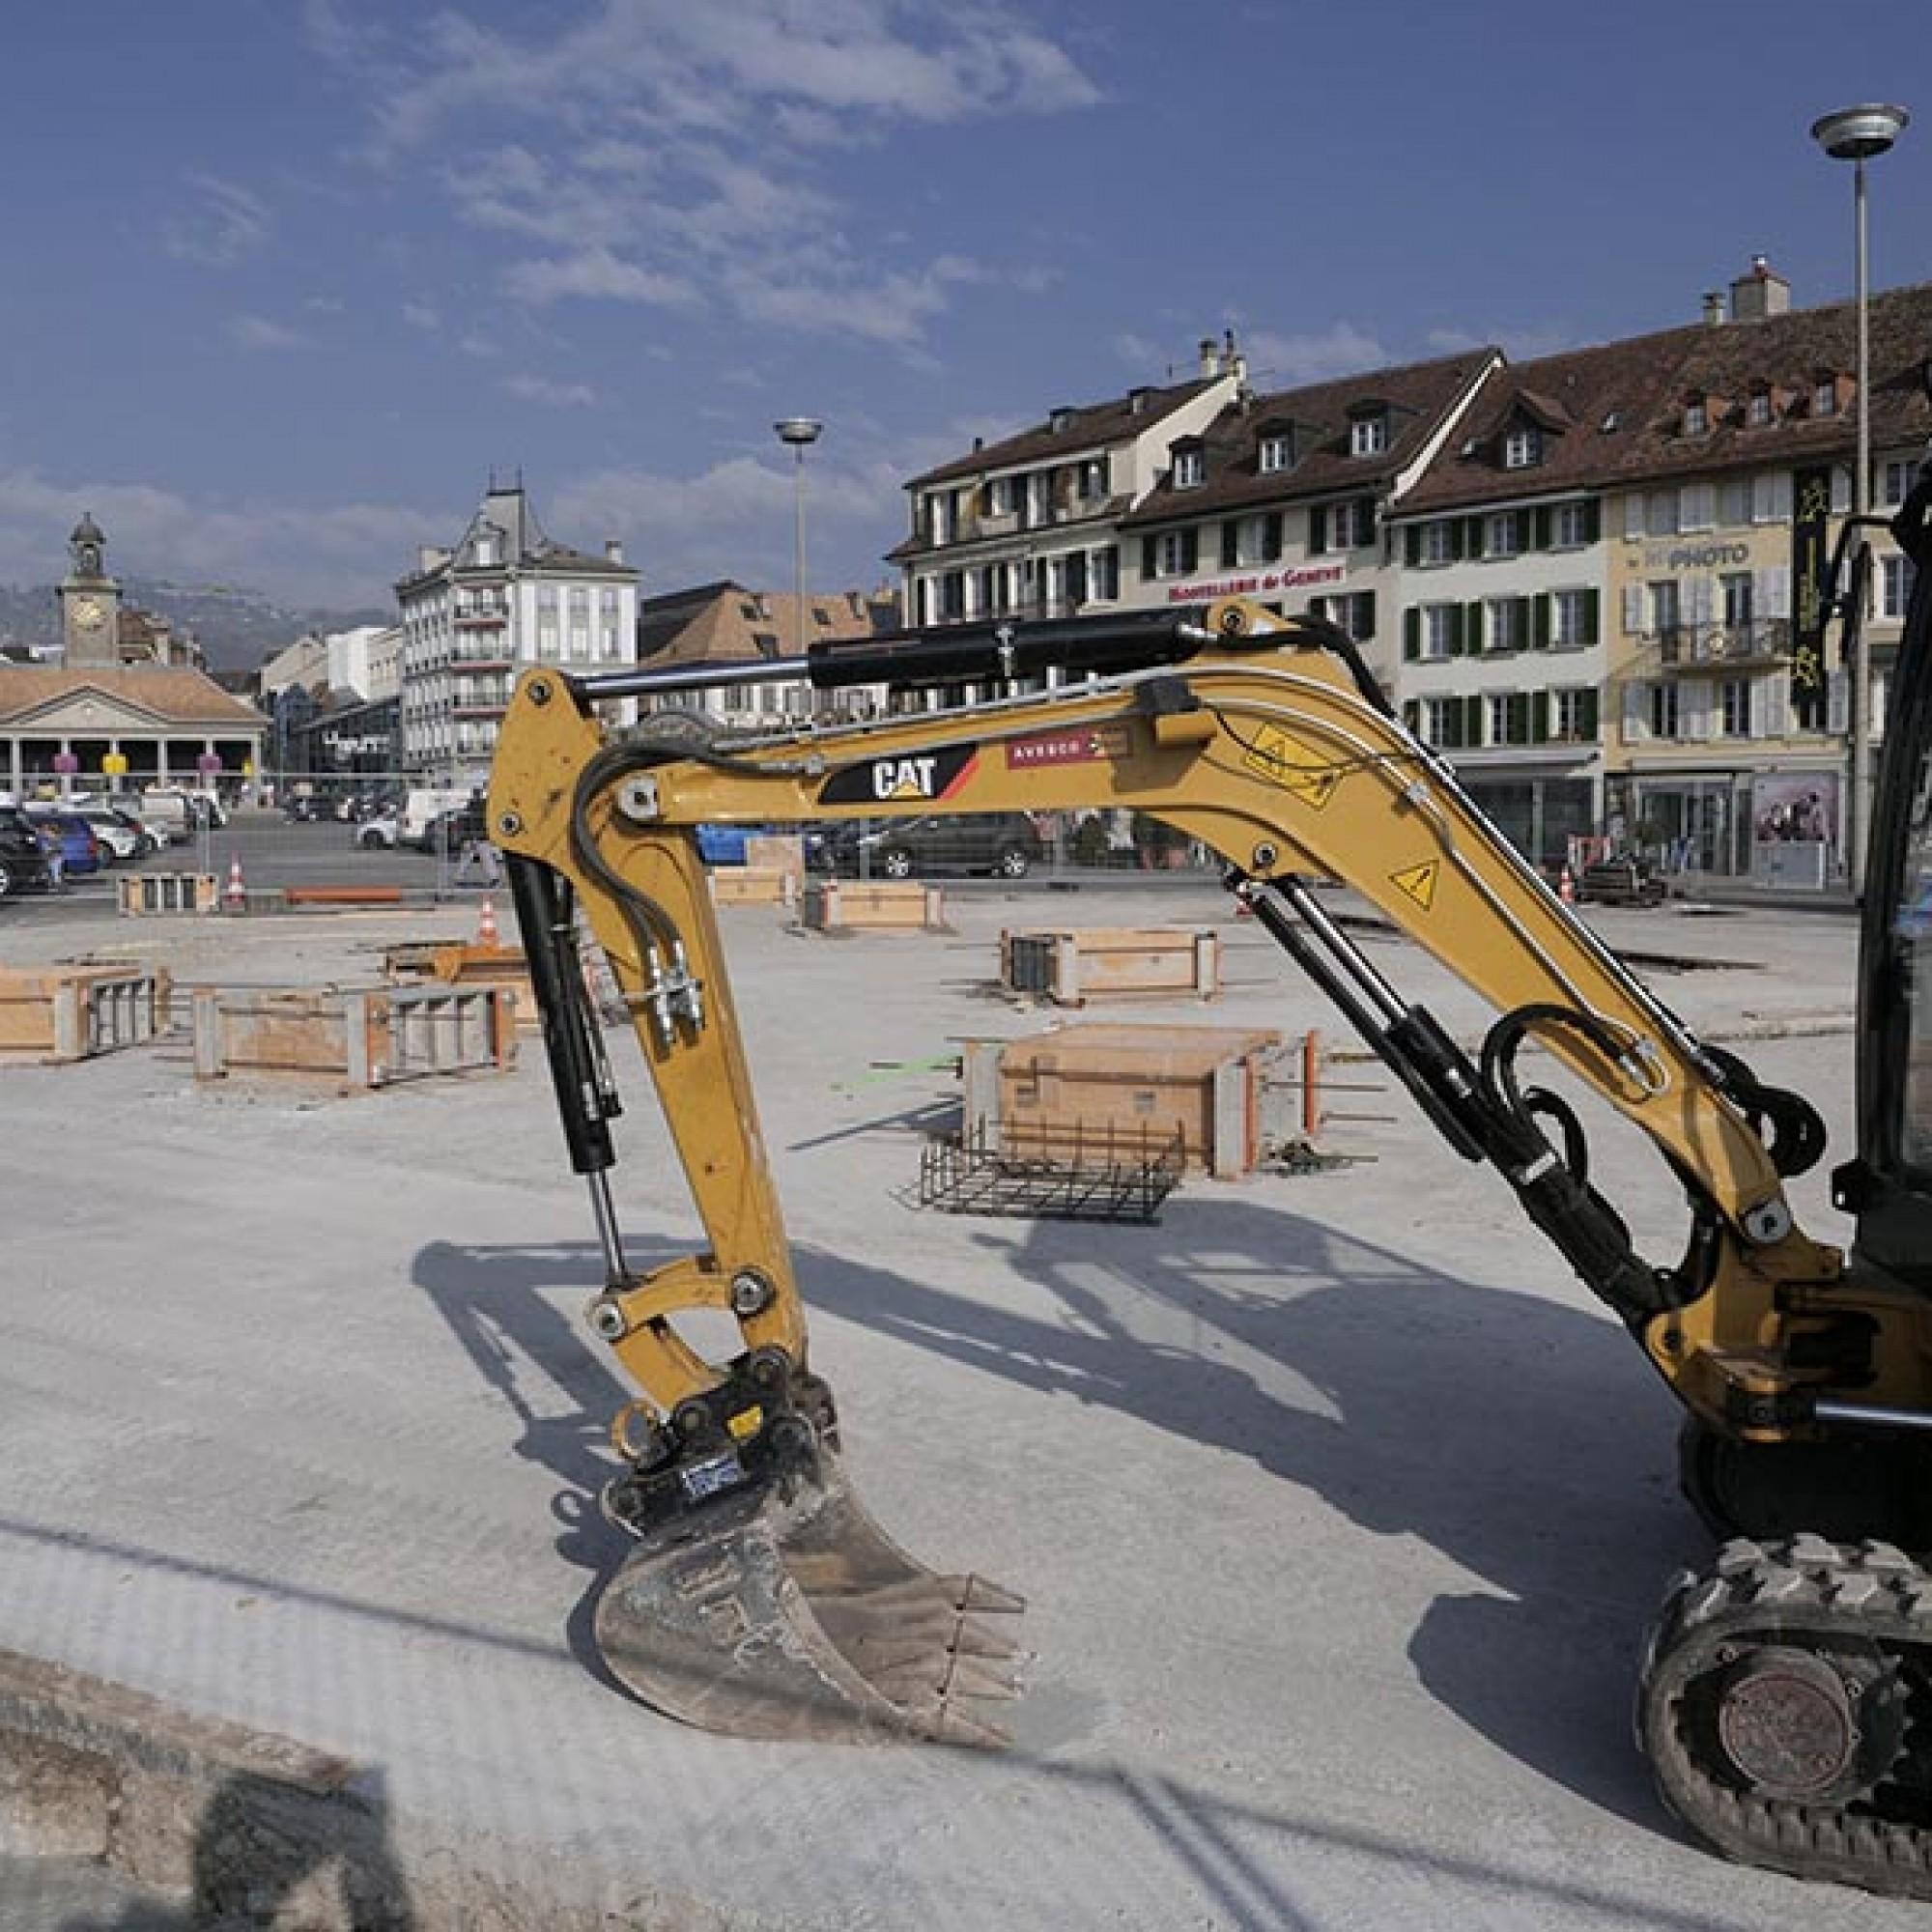 Les fondations de la future arène doivent être achevées d'ici mi-décembre. (Image 1 sur 6) Jean-A. Luque